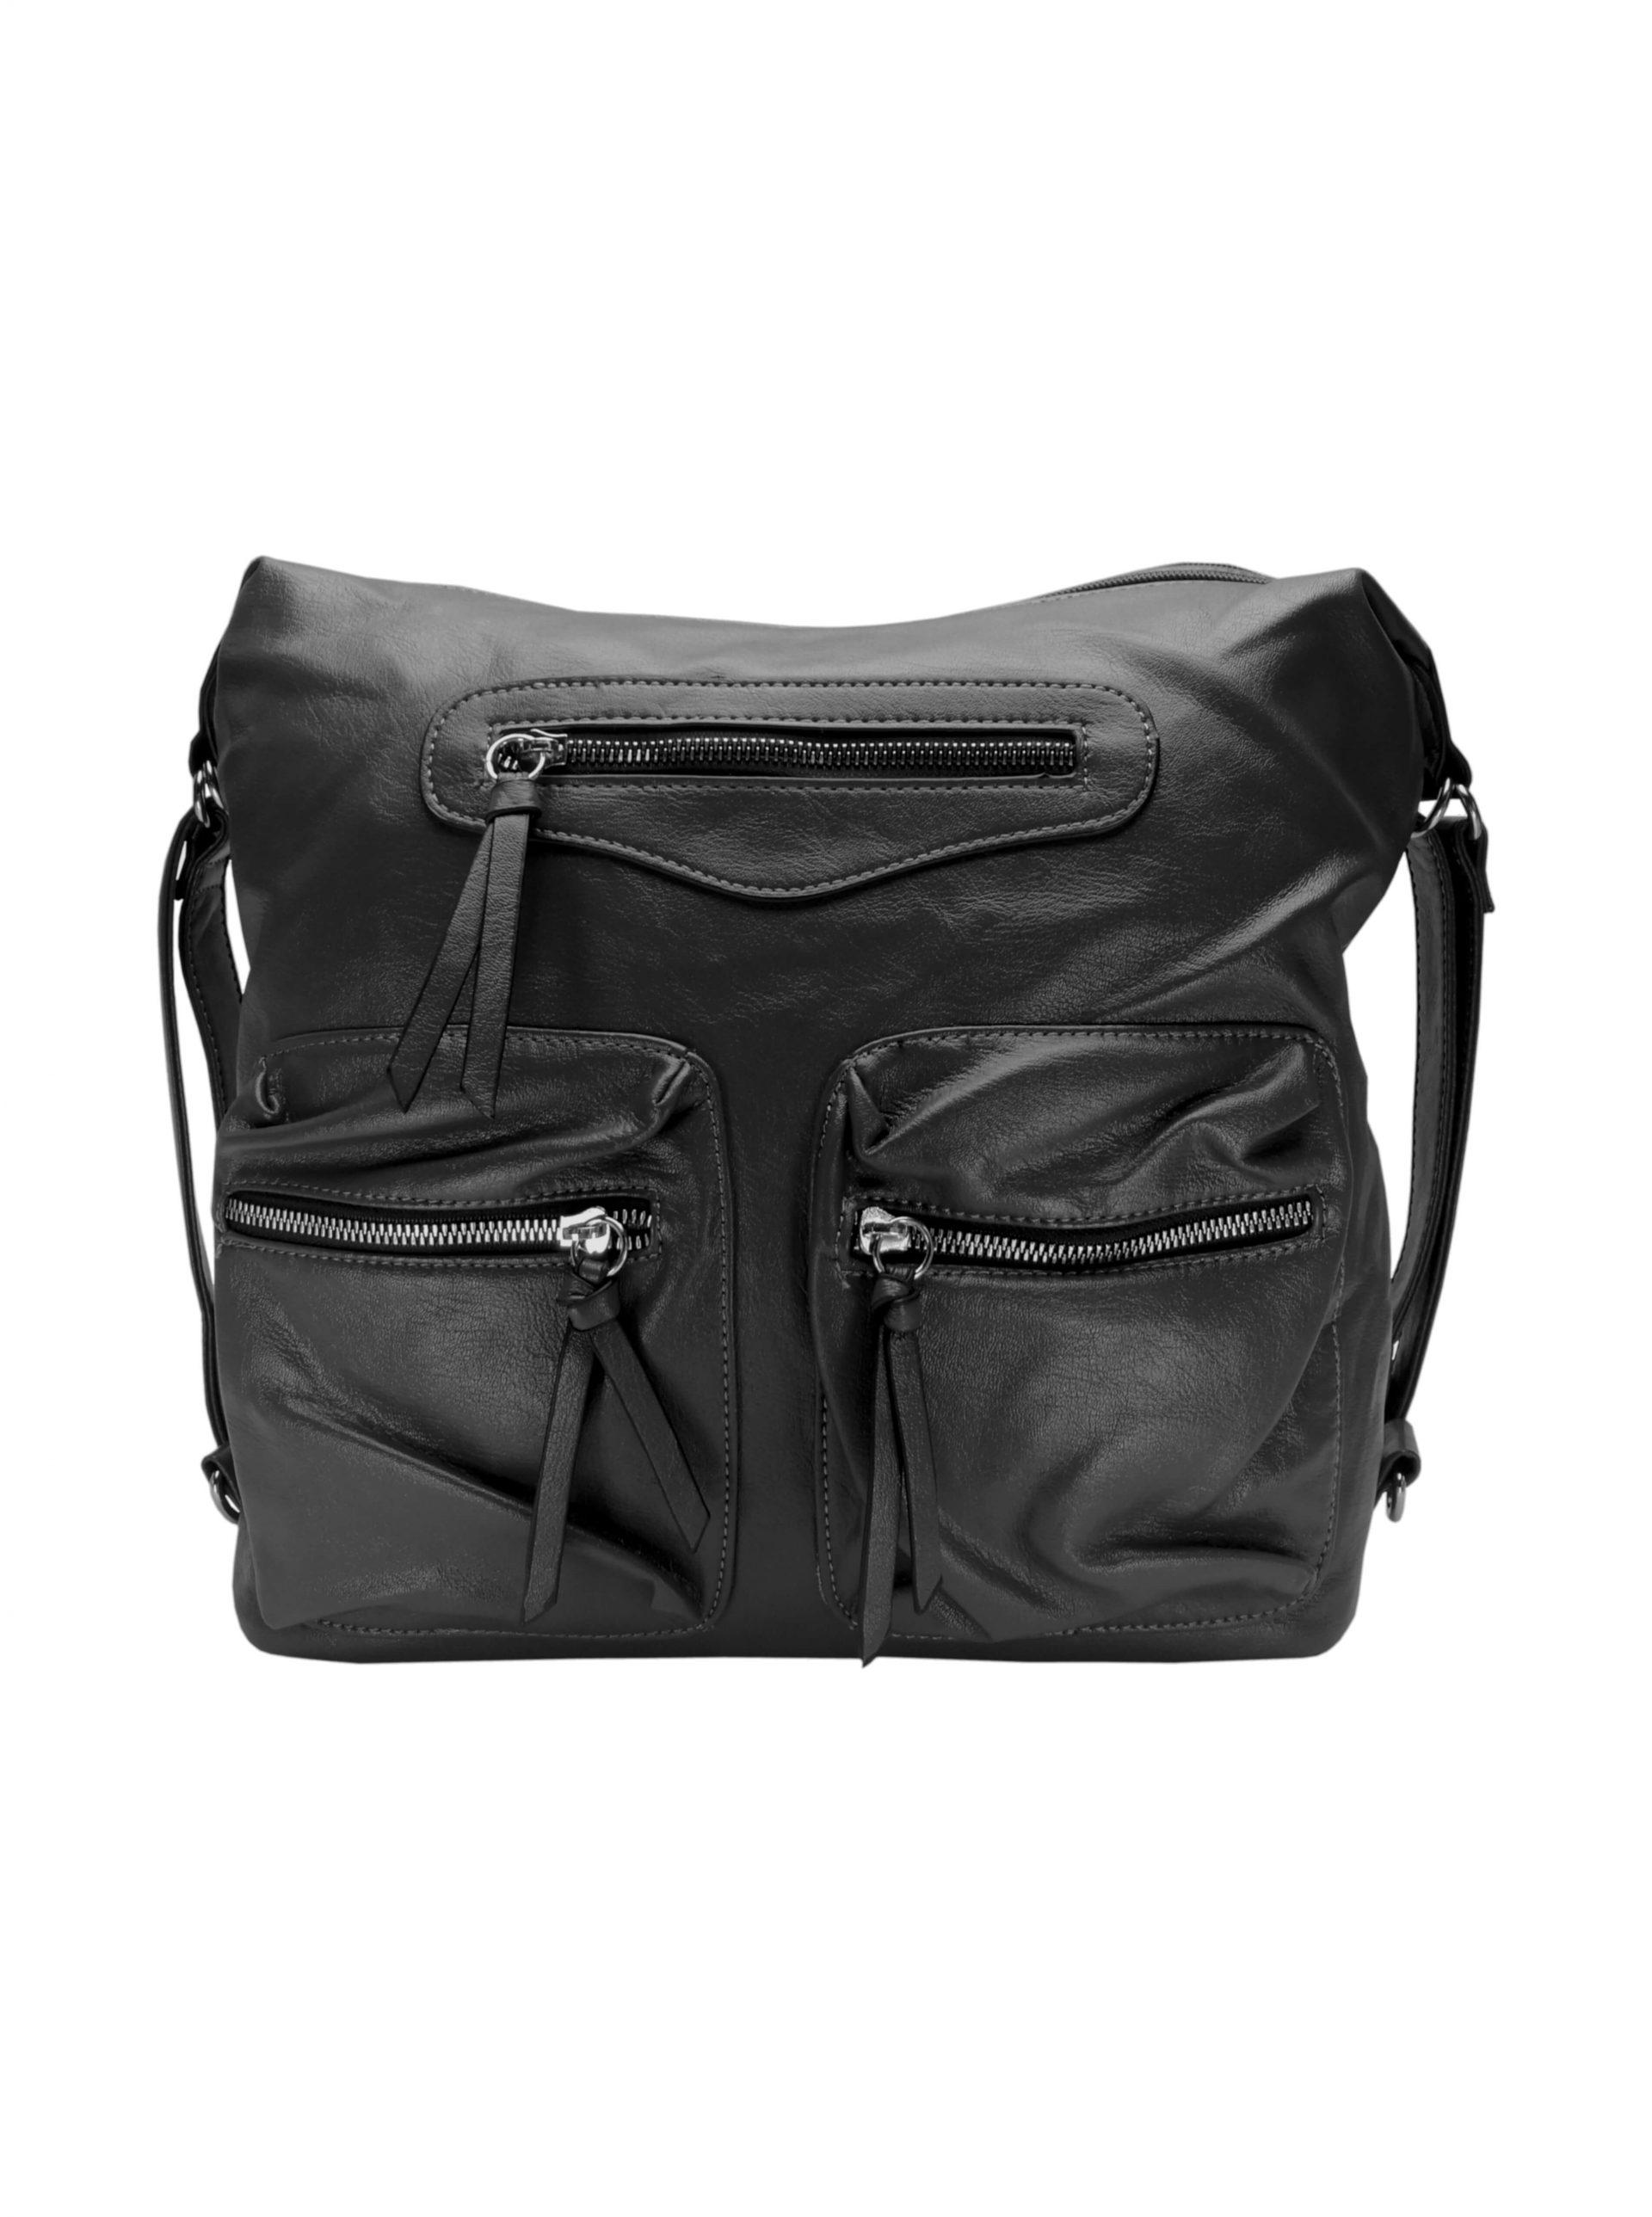 Praktický dámský kabelko-batoh s kapsami Tapple H181177 tmavě šedý přední strana